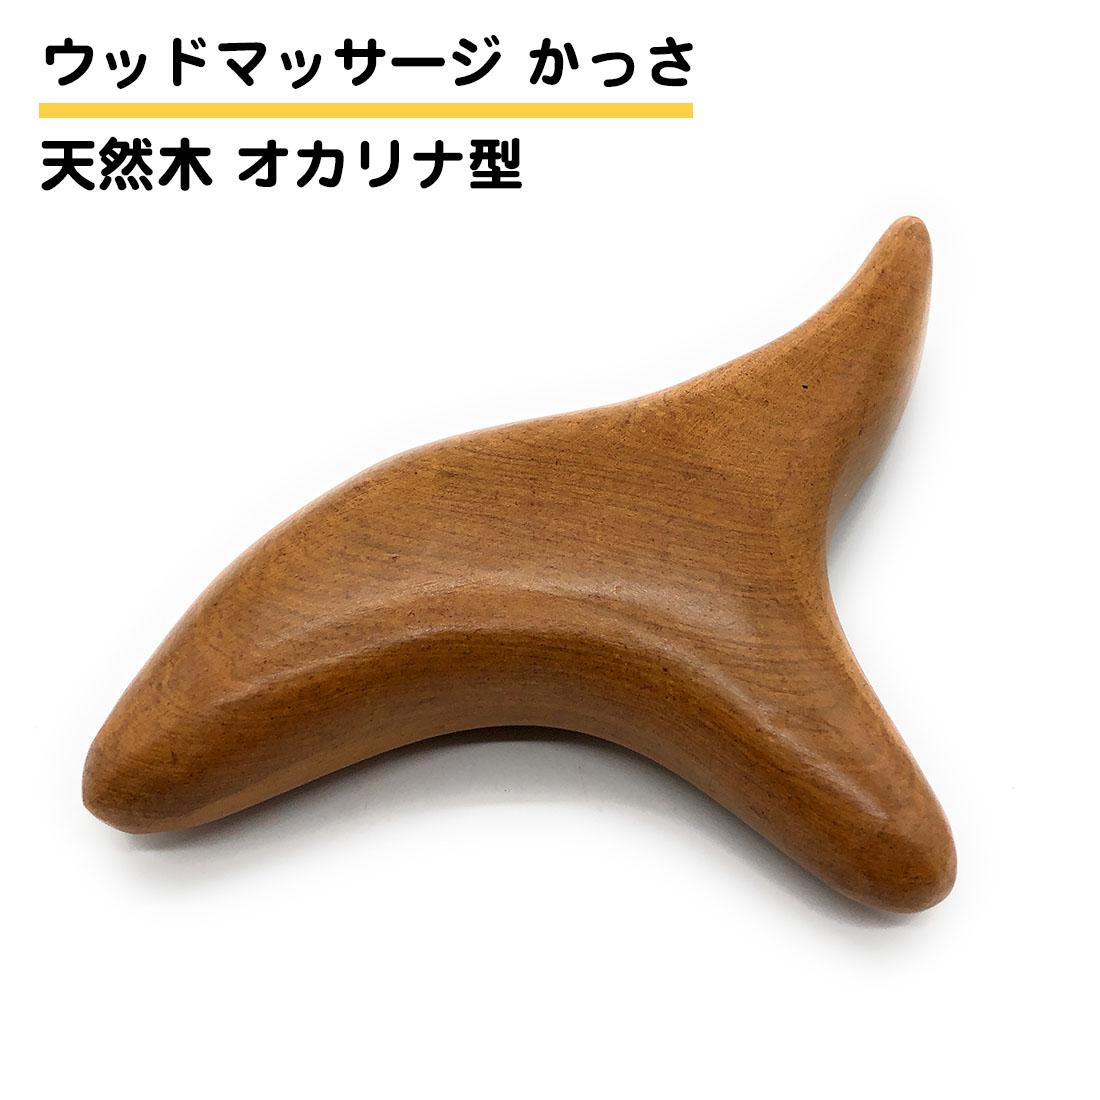 特殊な形状で全身をマッサージ ストアー ウッドマッサージ棒 握りタイプ 天然木 オカリナ型 かっさ マッサージ 腰痛 足裏 送料無料 ふくらはぎ 木製 贈物 背中 肩こり